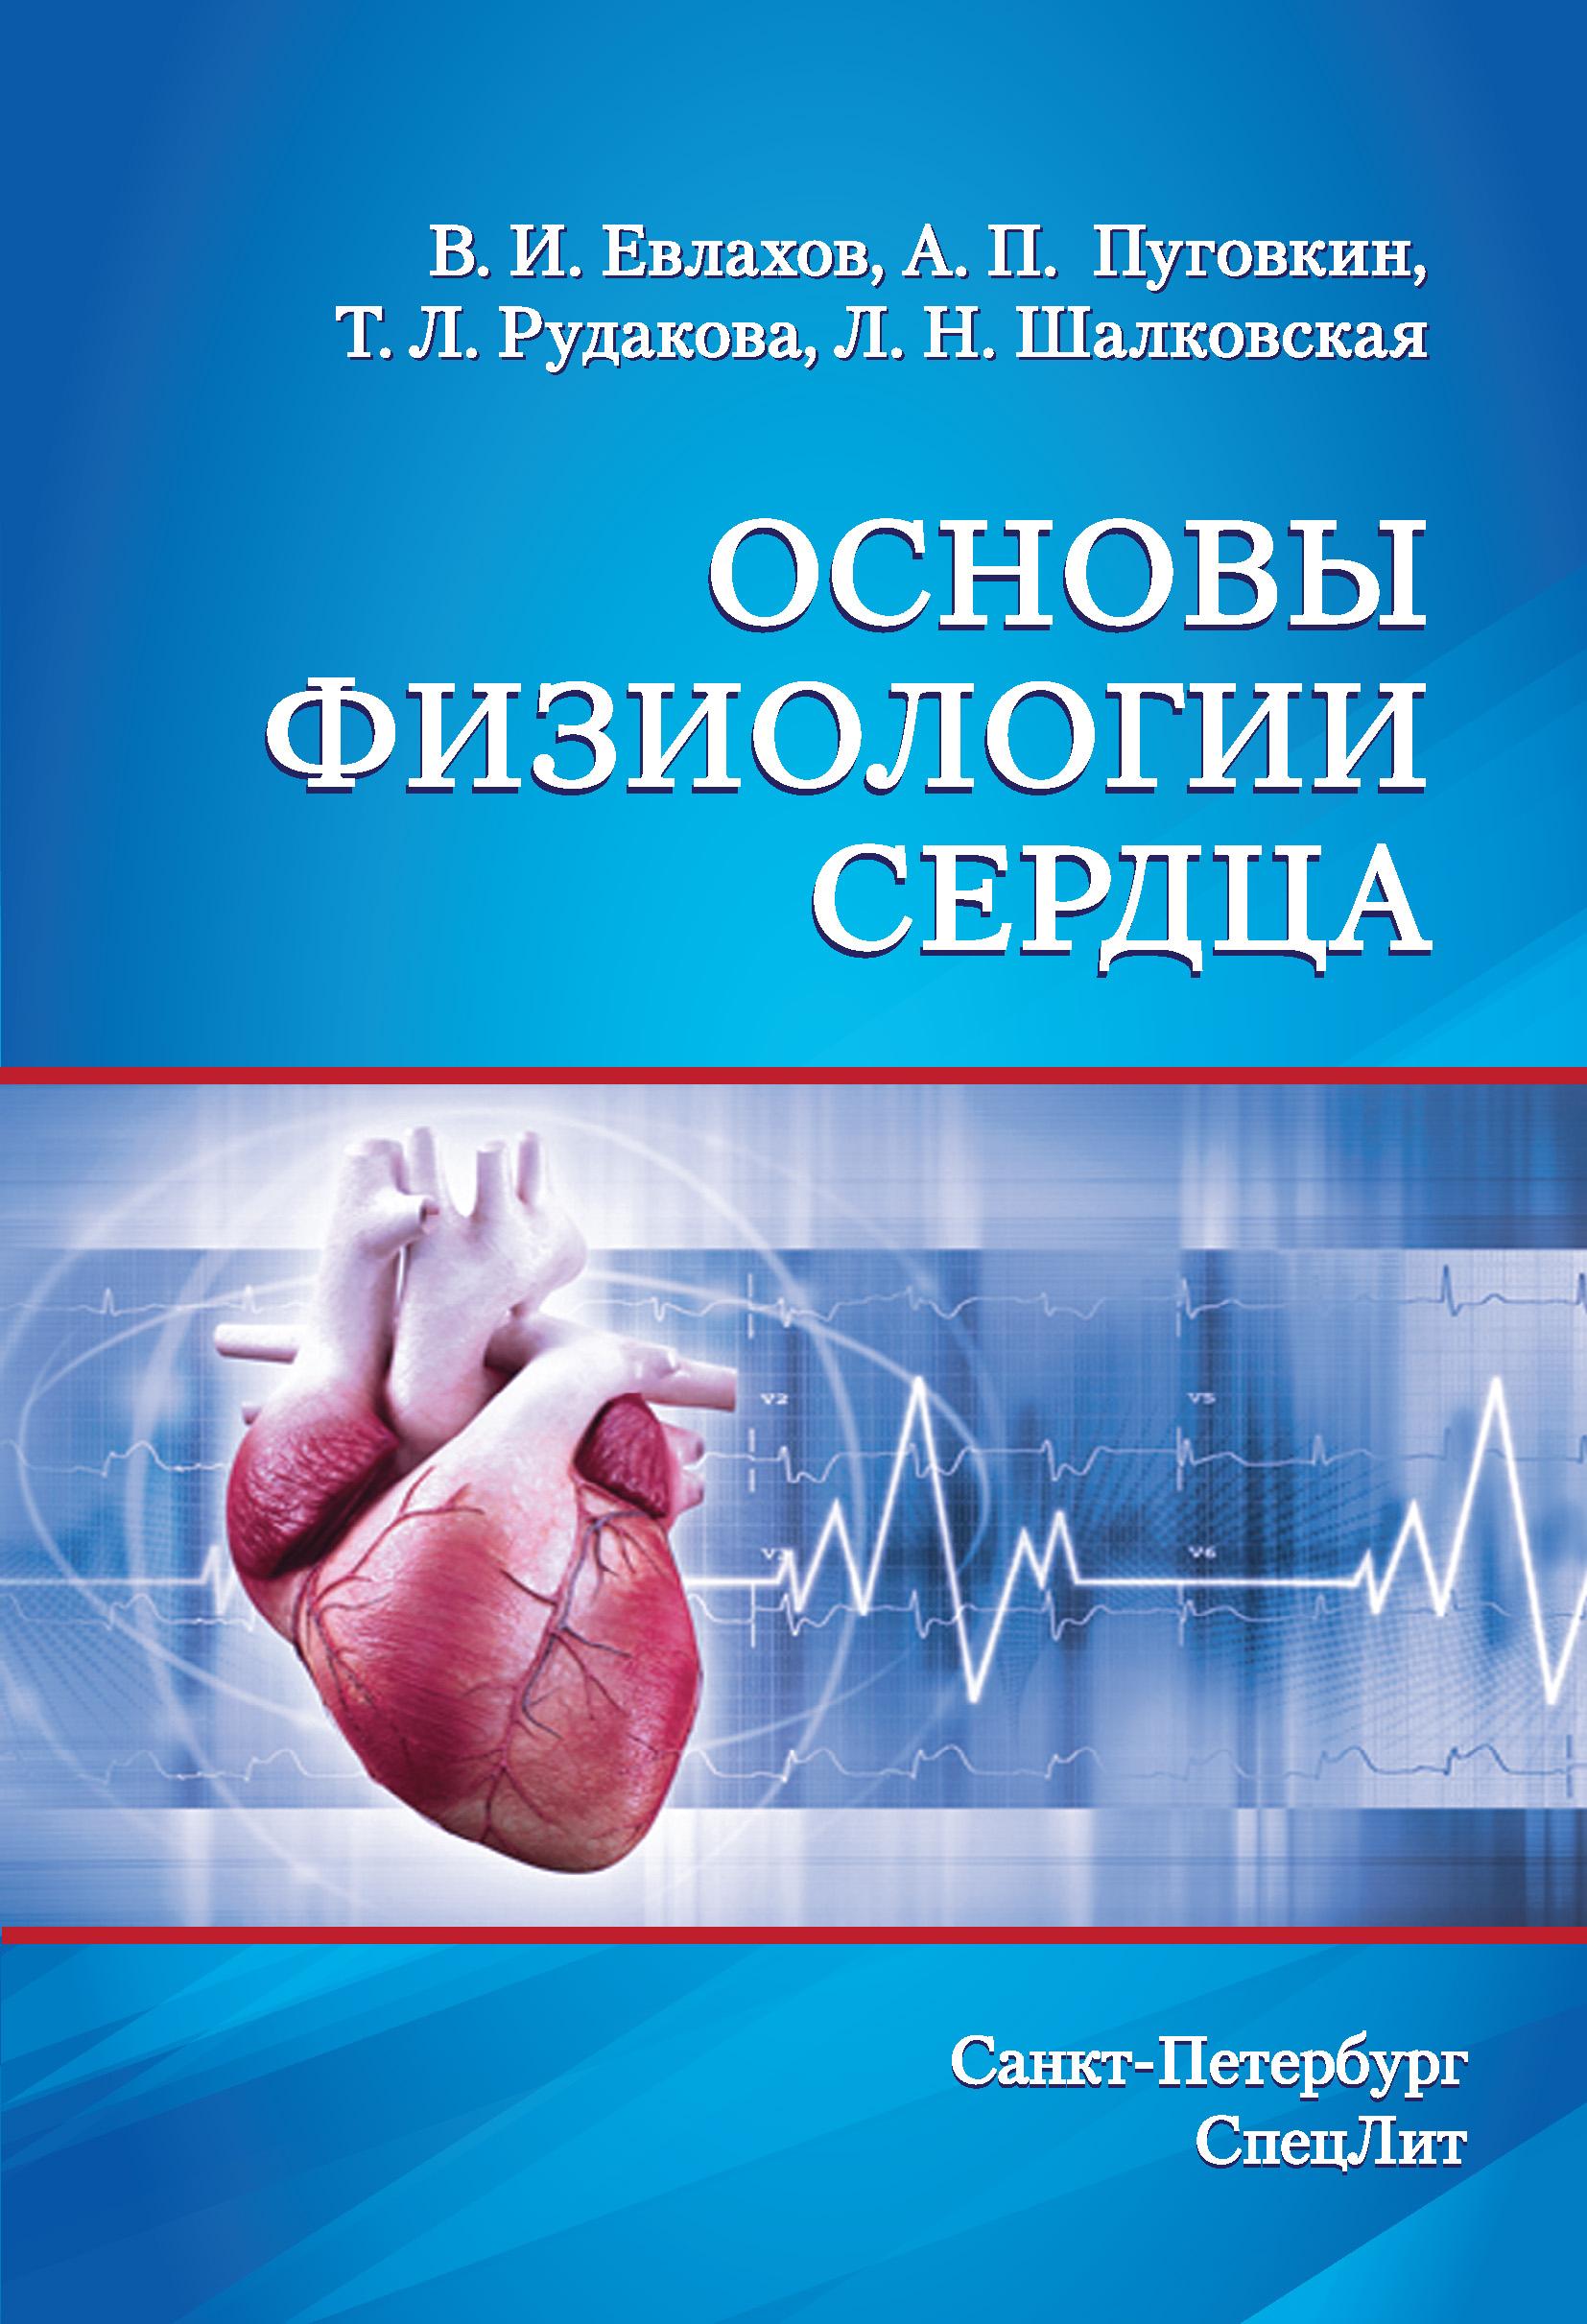 Основы физиологии сердца